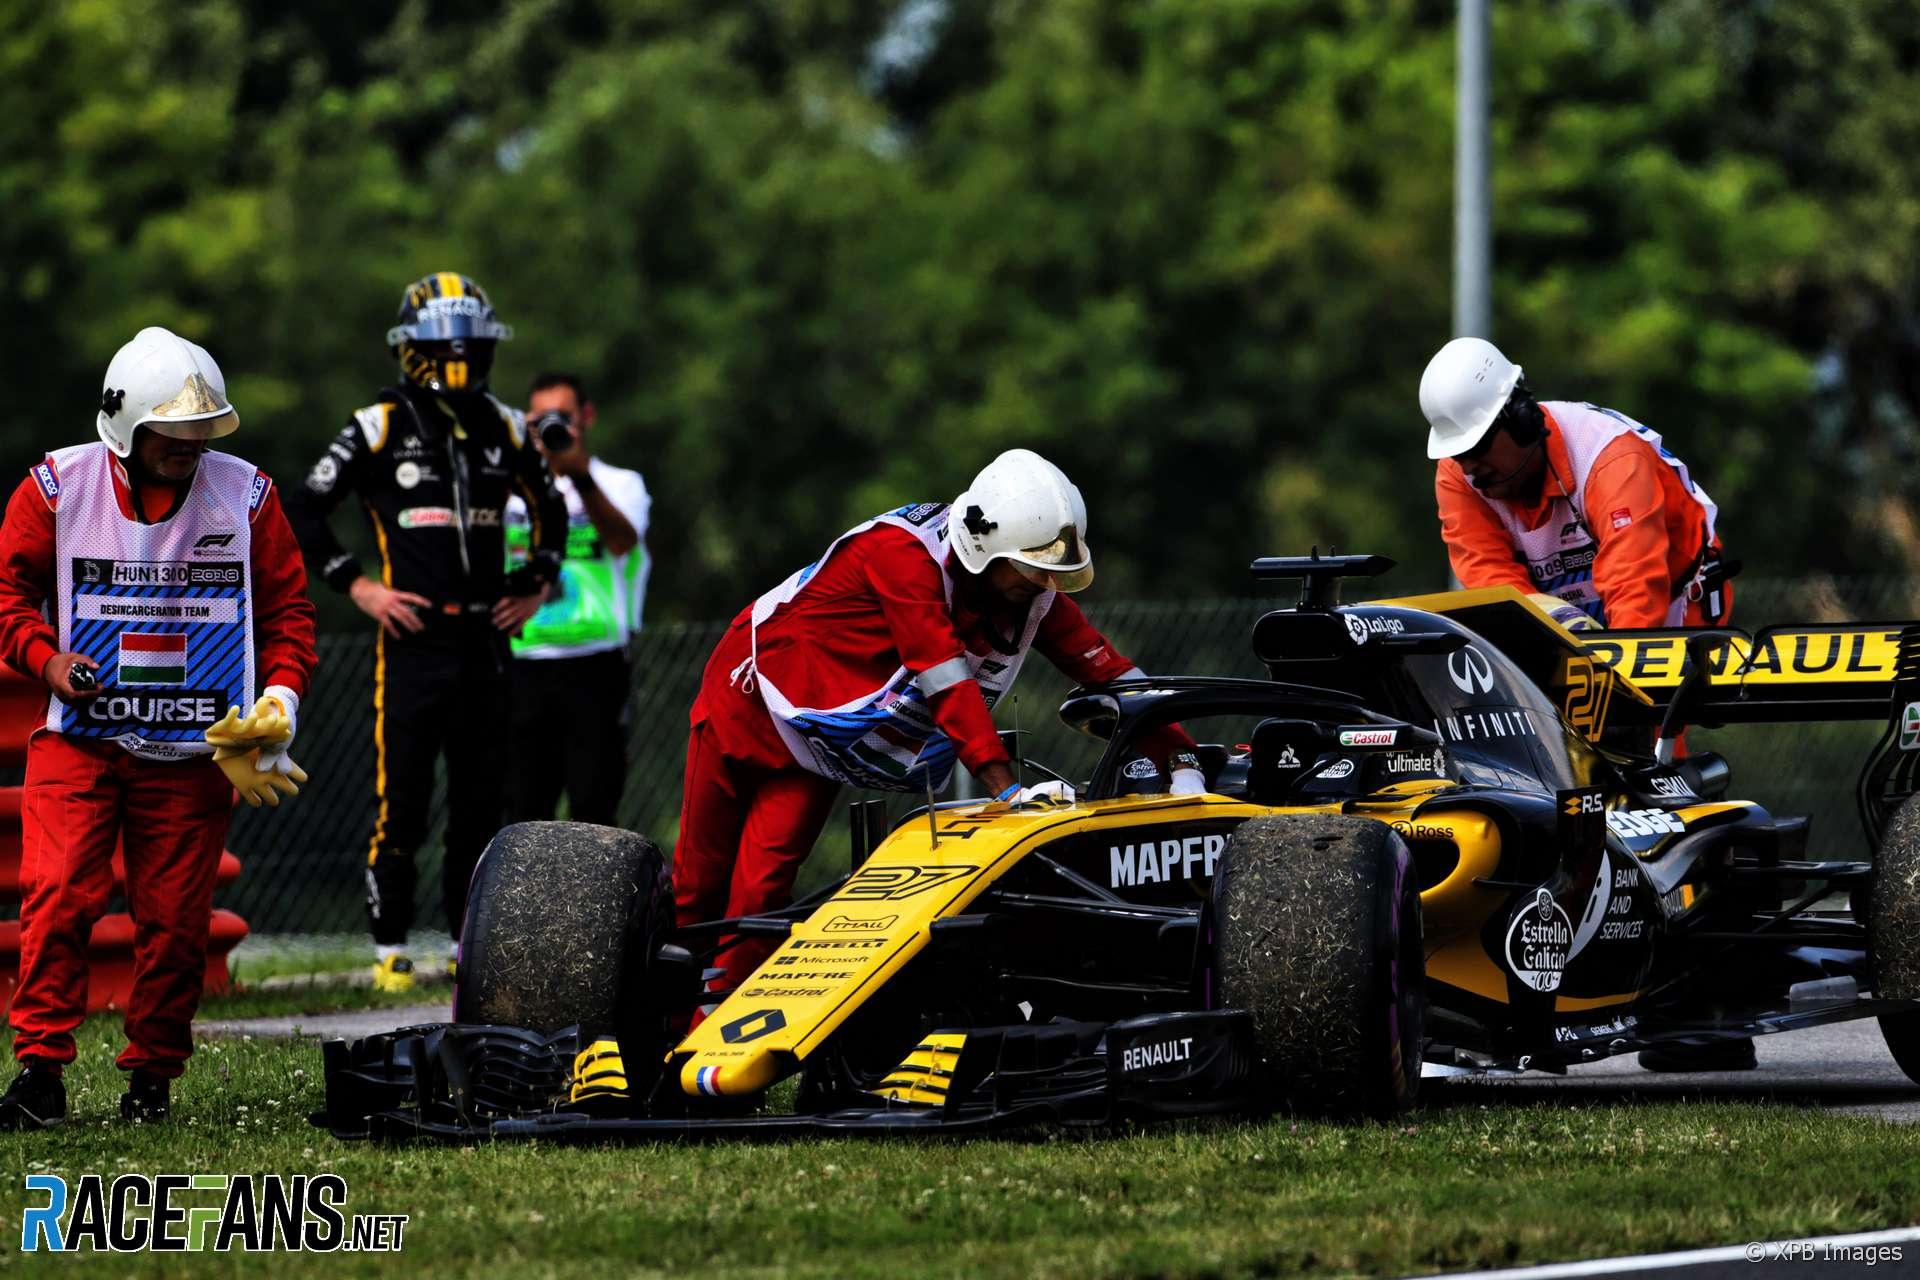 Nico Hulkenberg, Renault, Hungaroring, 2018